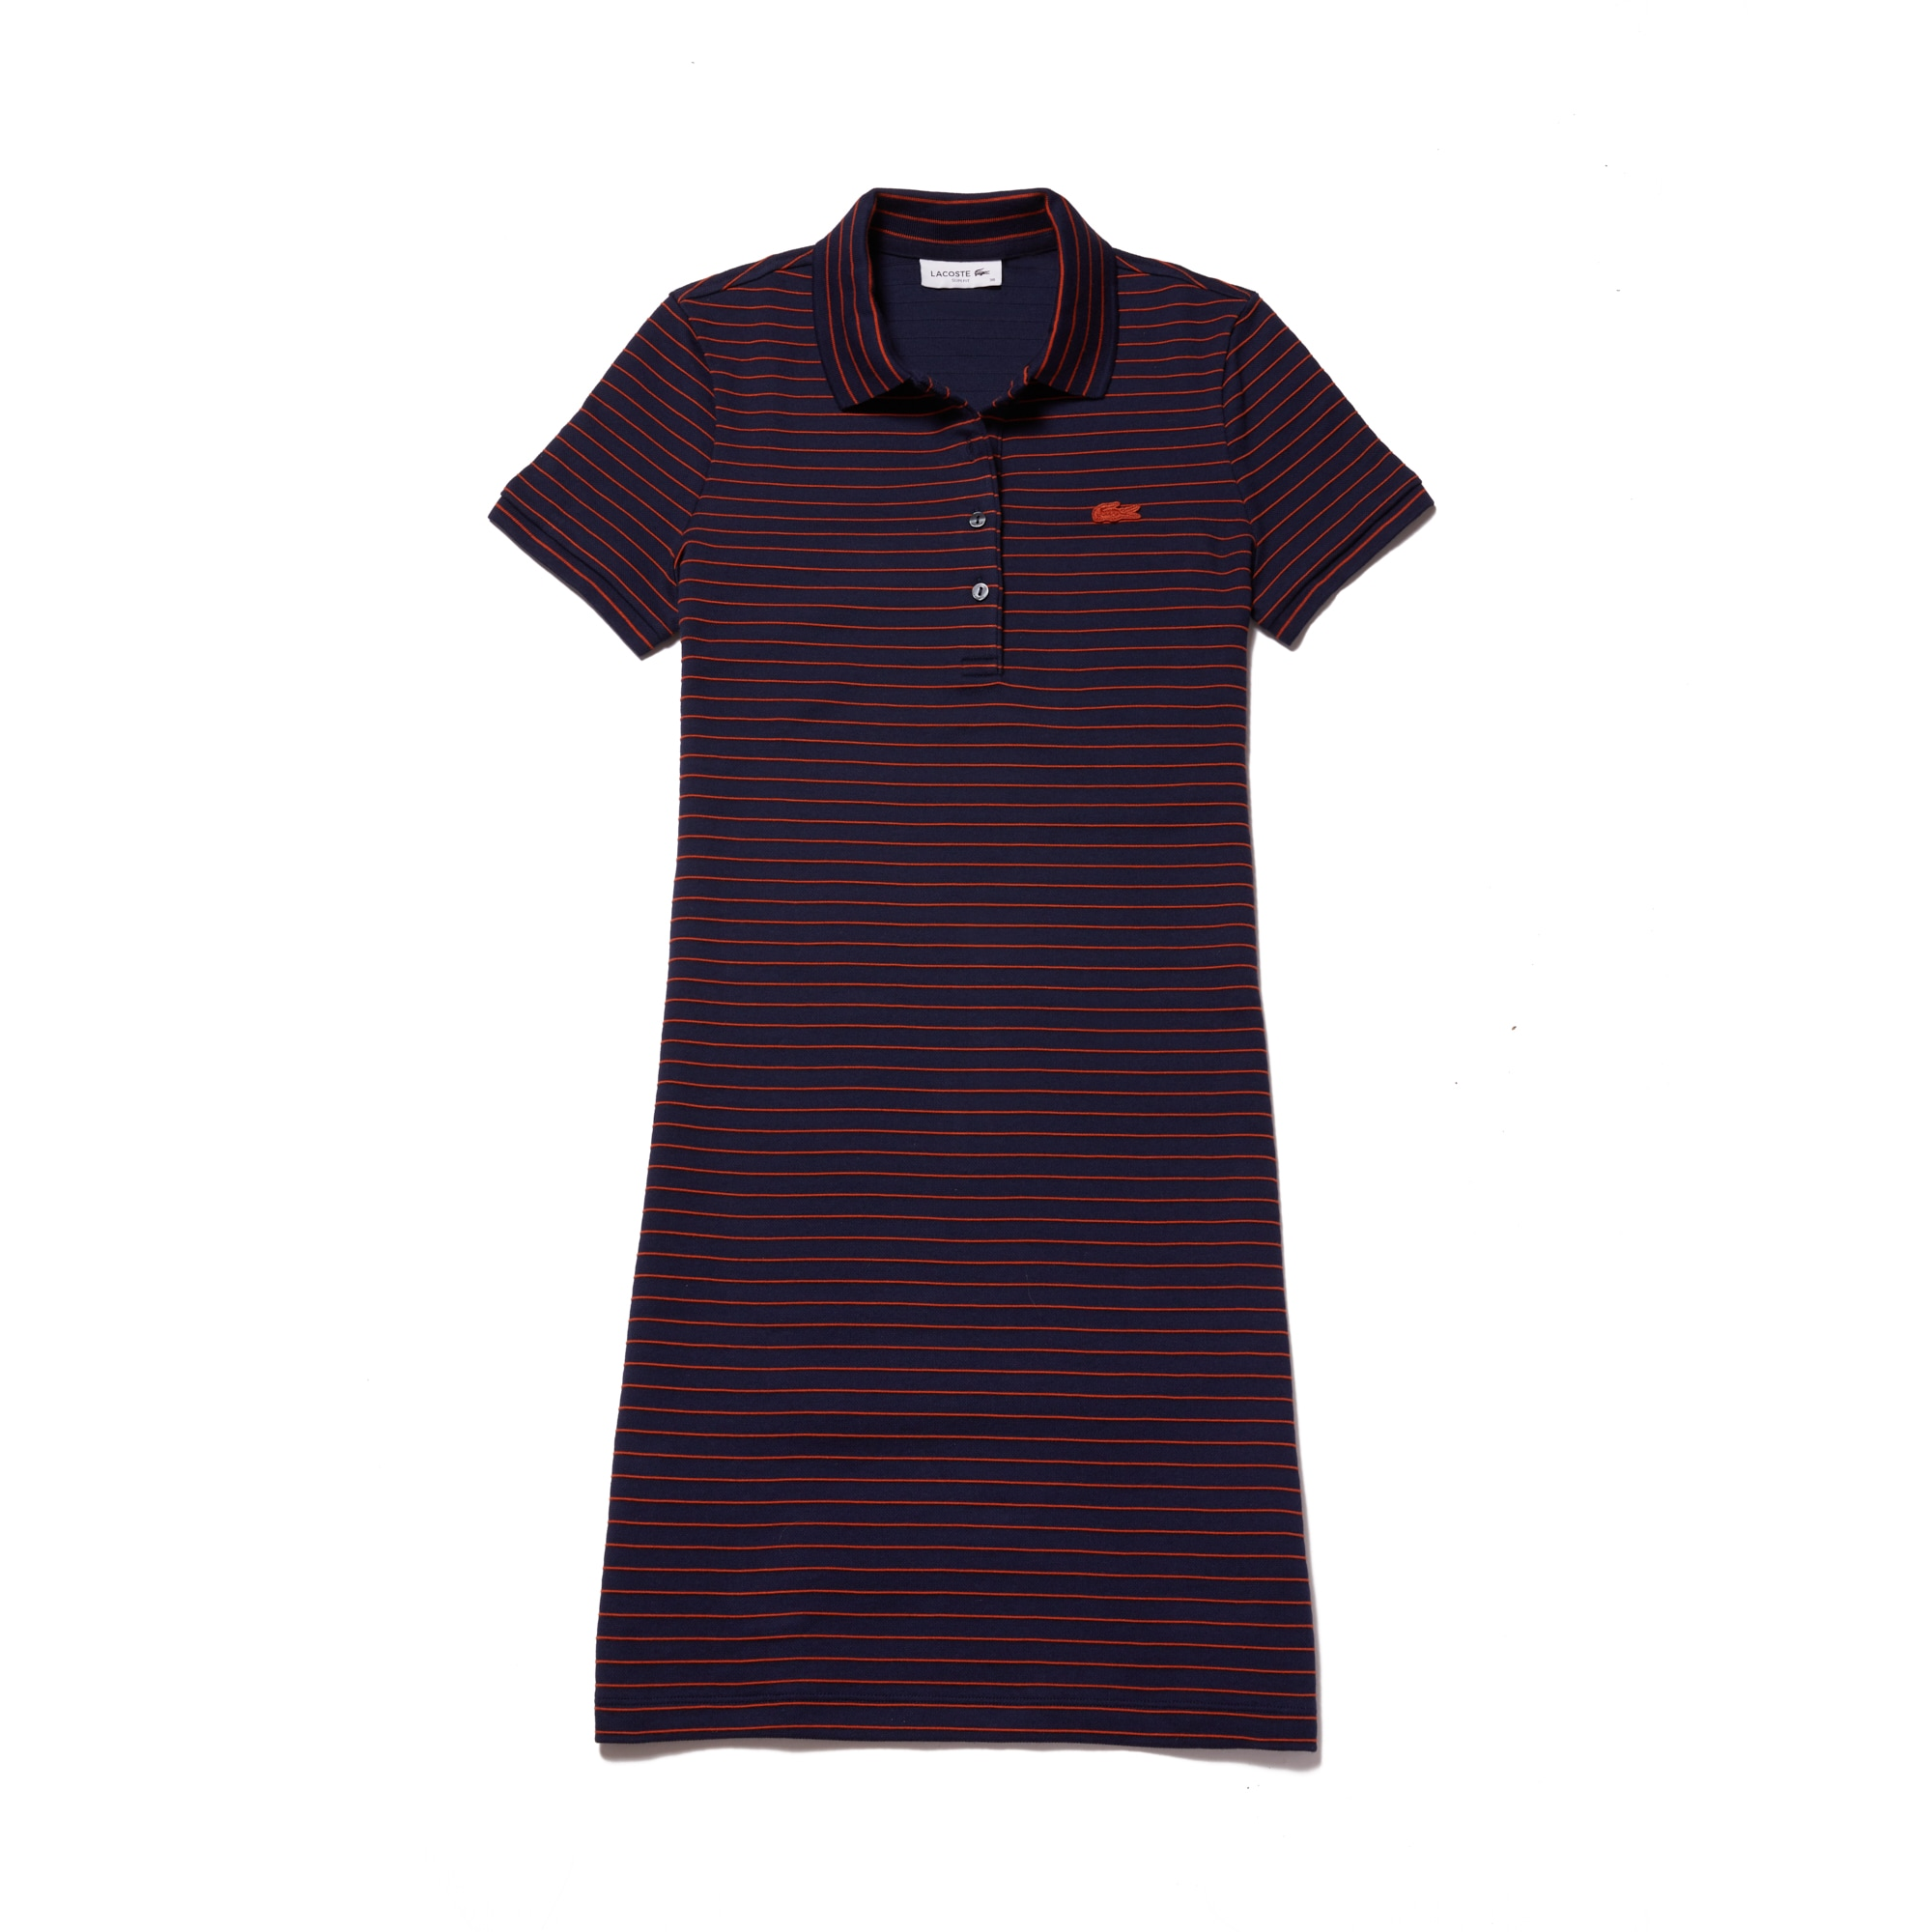 라코스테 Lacoste Womens Slim Fit Striped Stretch Mini Cotton Pique Polo Dress,navy blue / orange